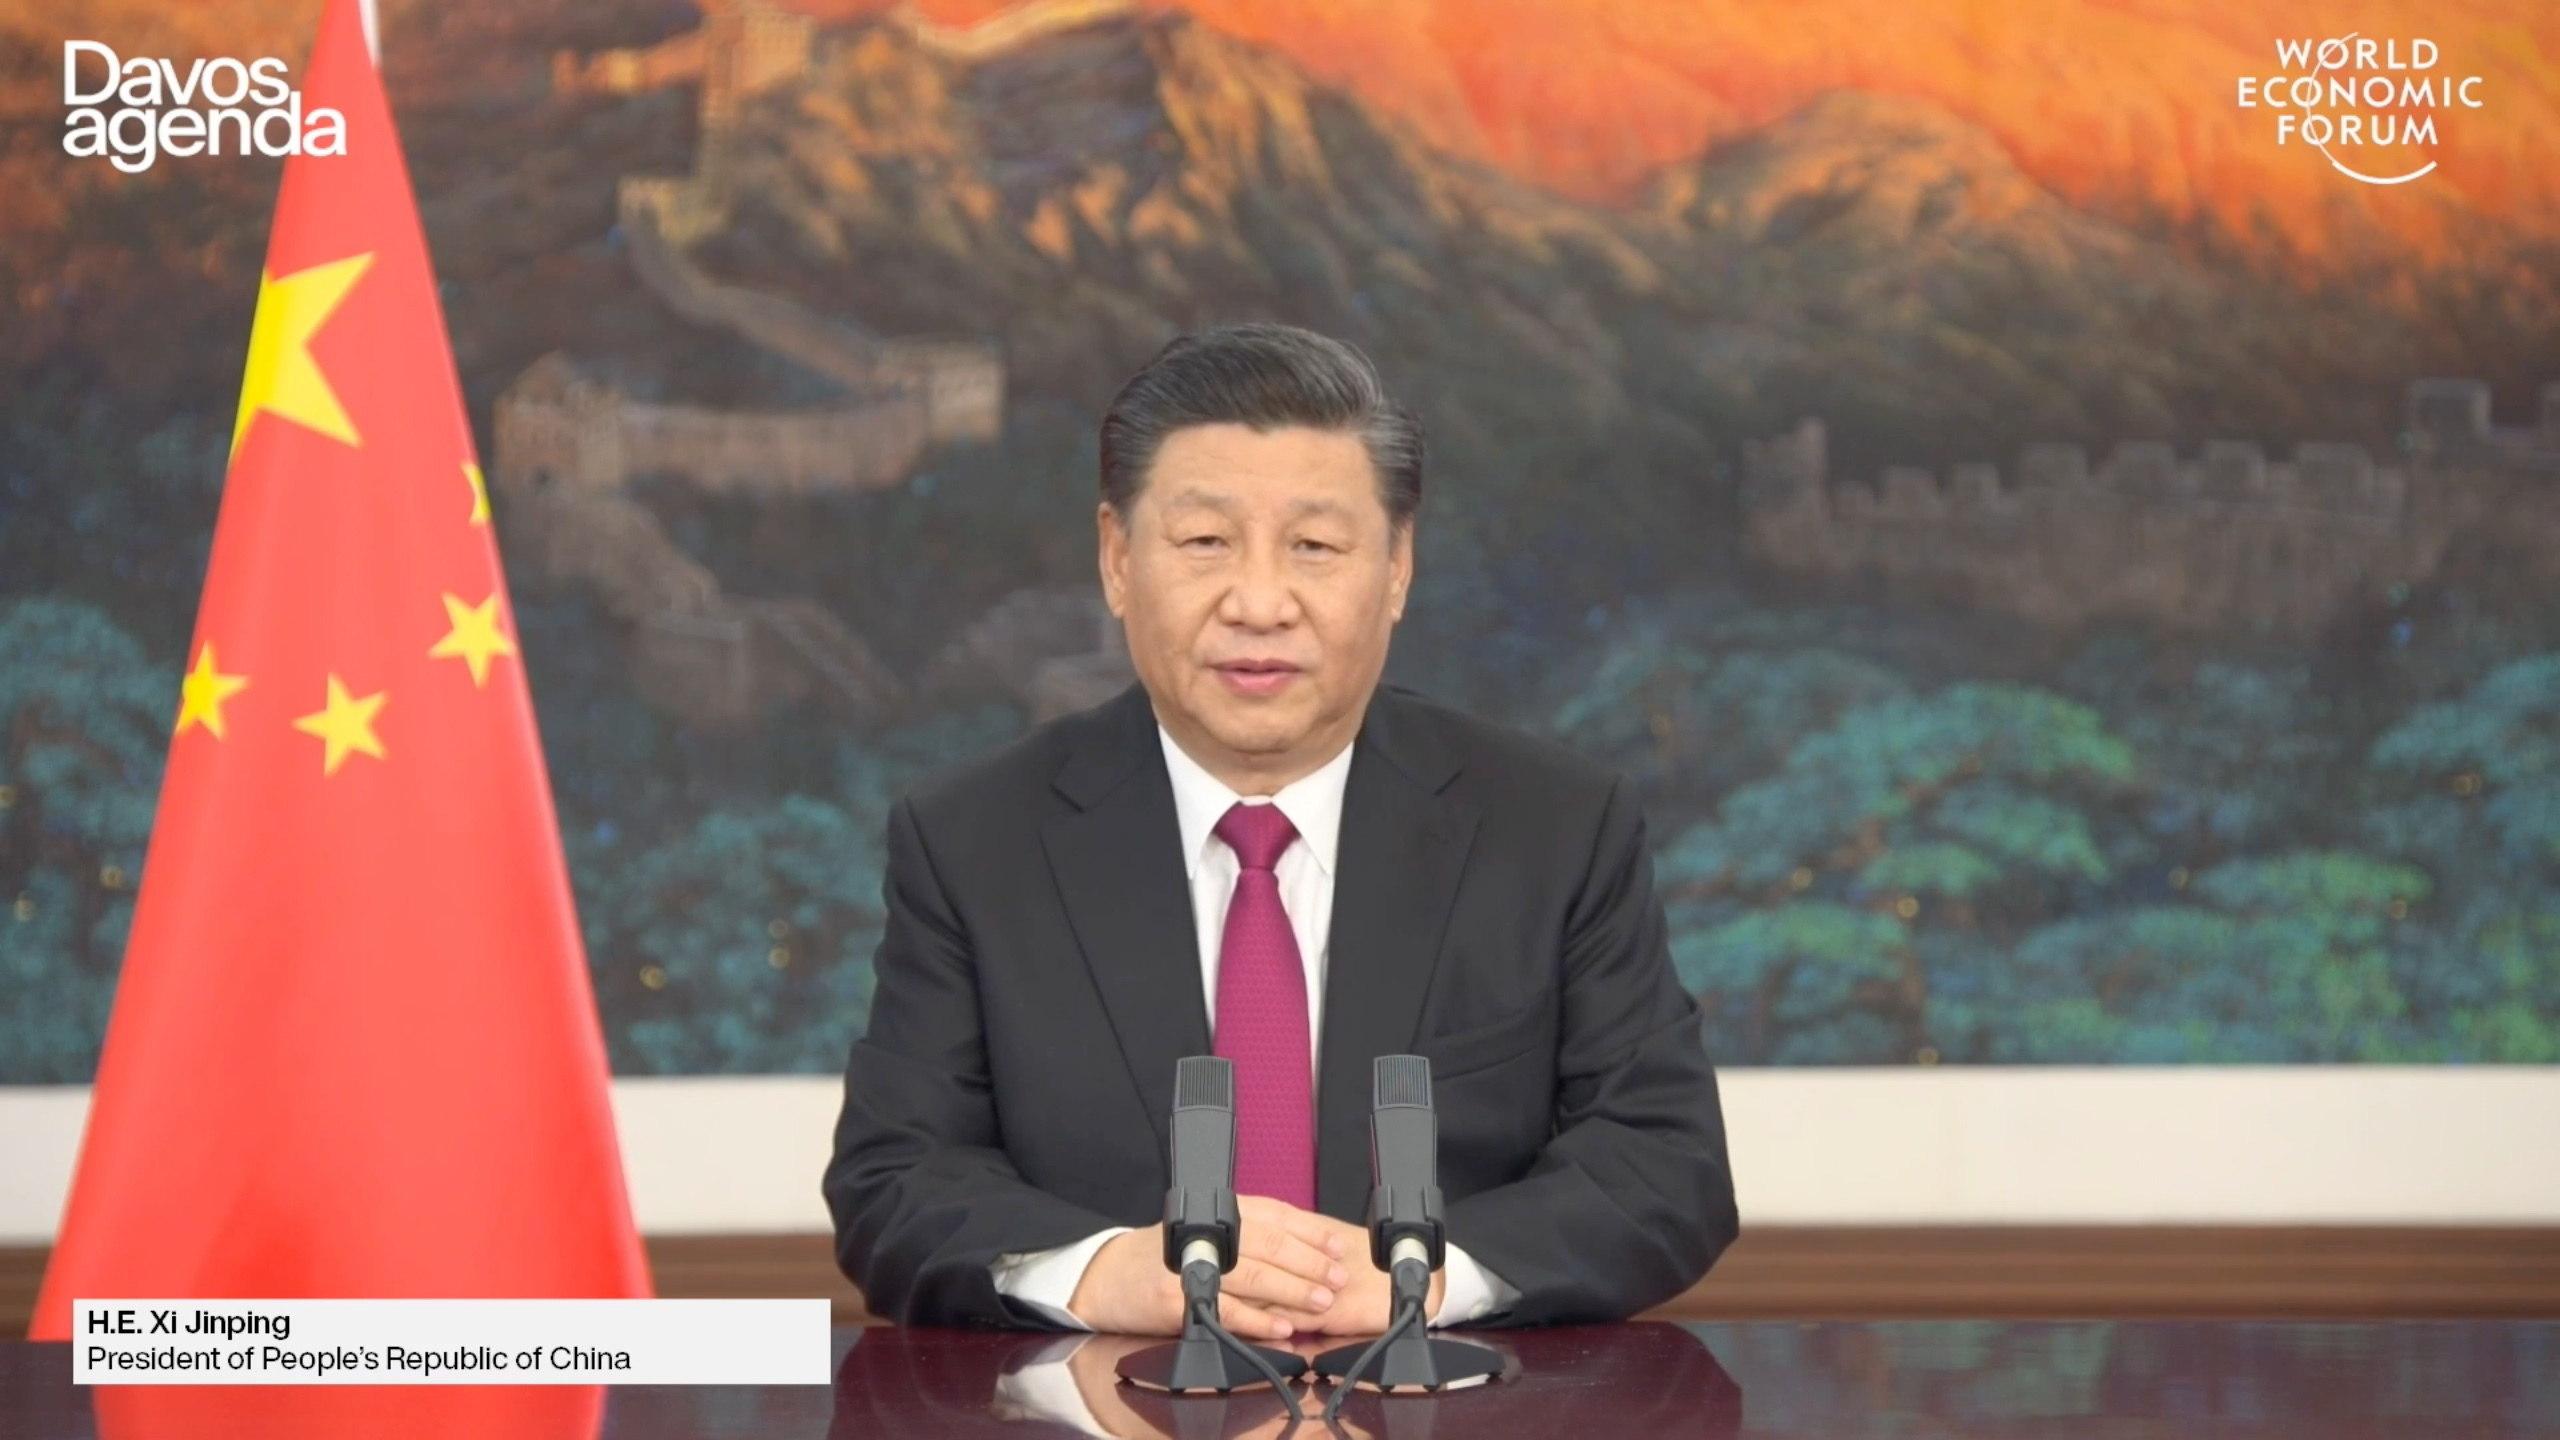 """Xi Jinping inaugura Davos pidiendo multilateralismo: """"el mundo no volverá a ser lo que fue en el pasado"""""""